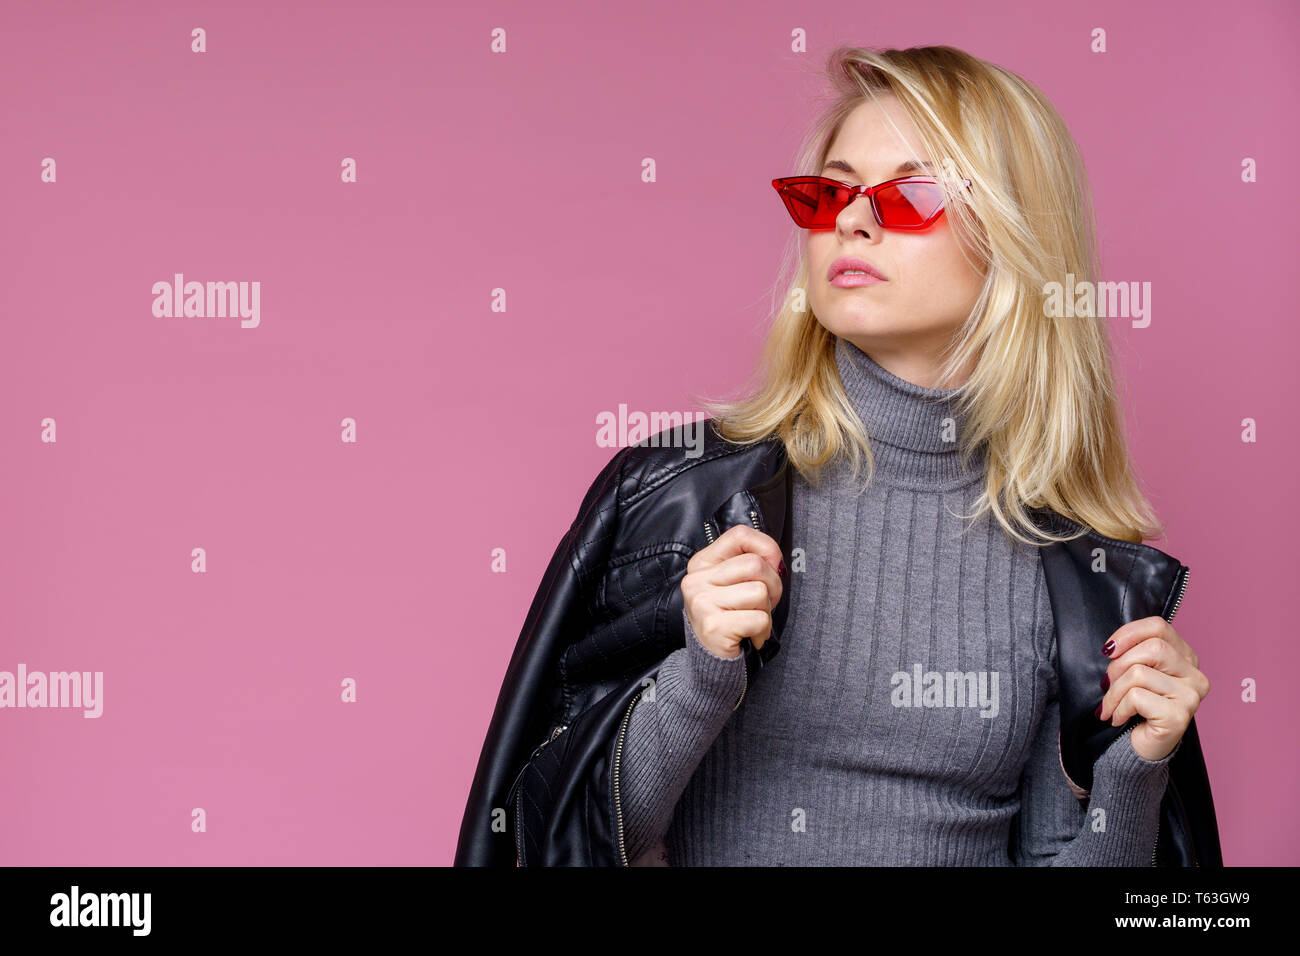 concepteur neuf et d'occasion sélectionner pour véritable disponible Blonde Model Leather Jacket Photos & Blonde Model Leather ...